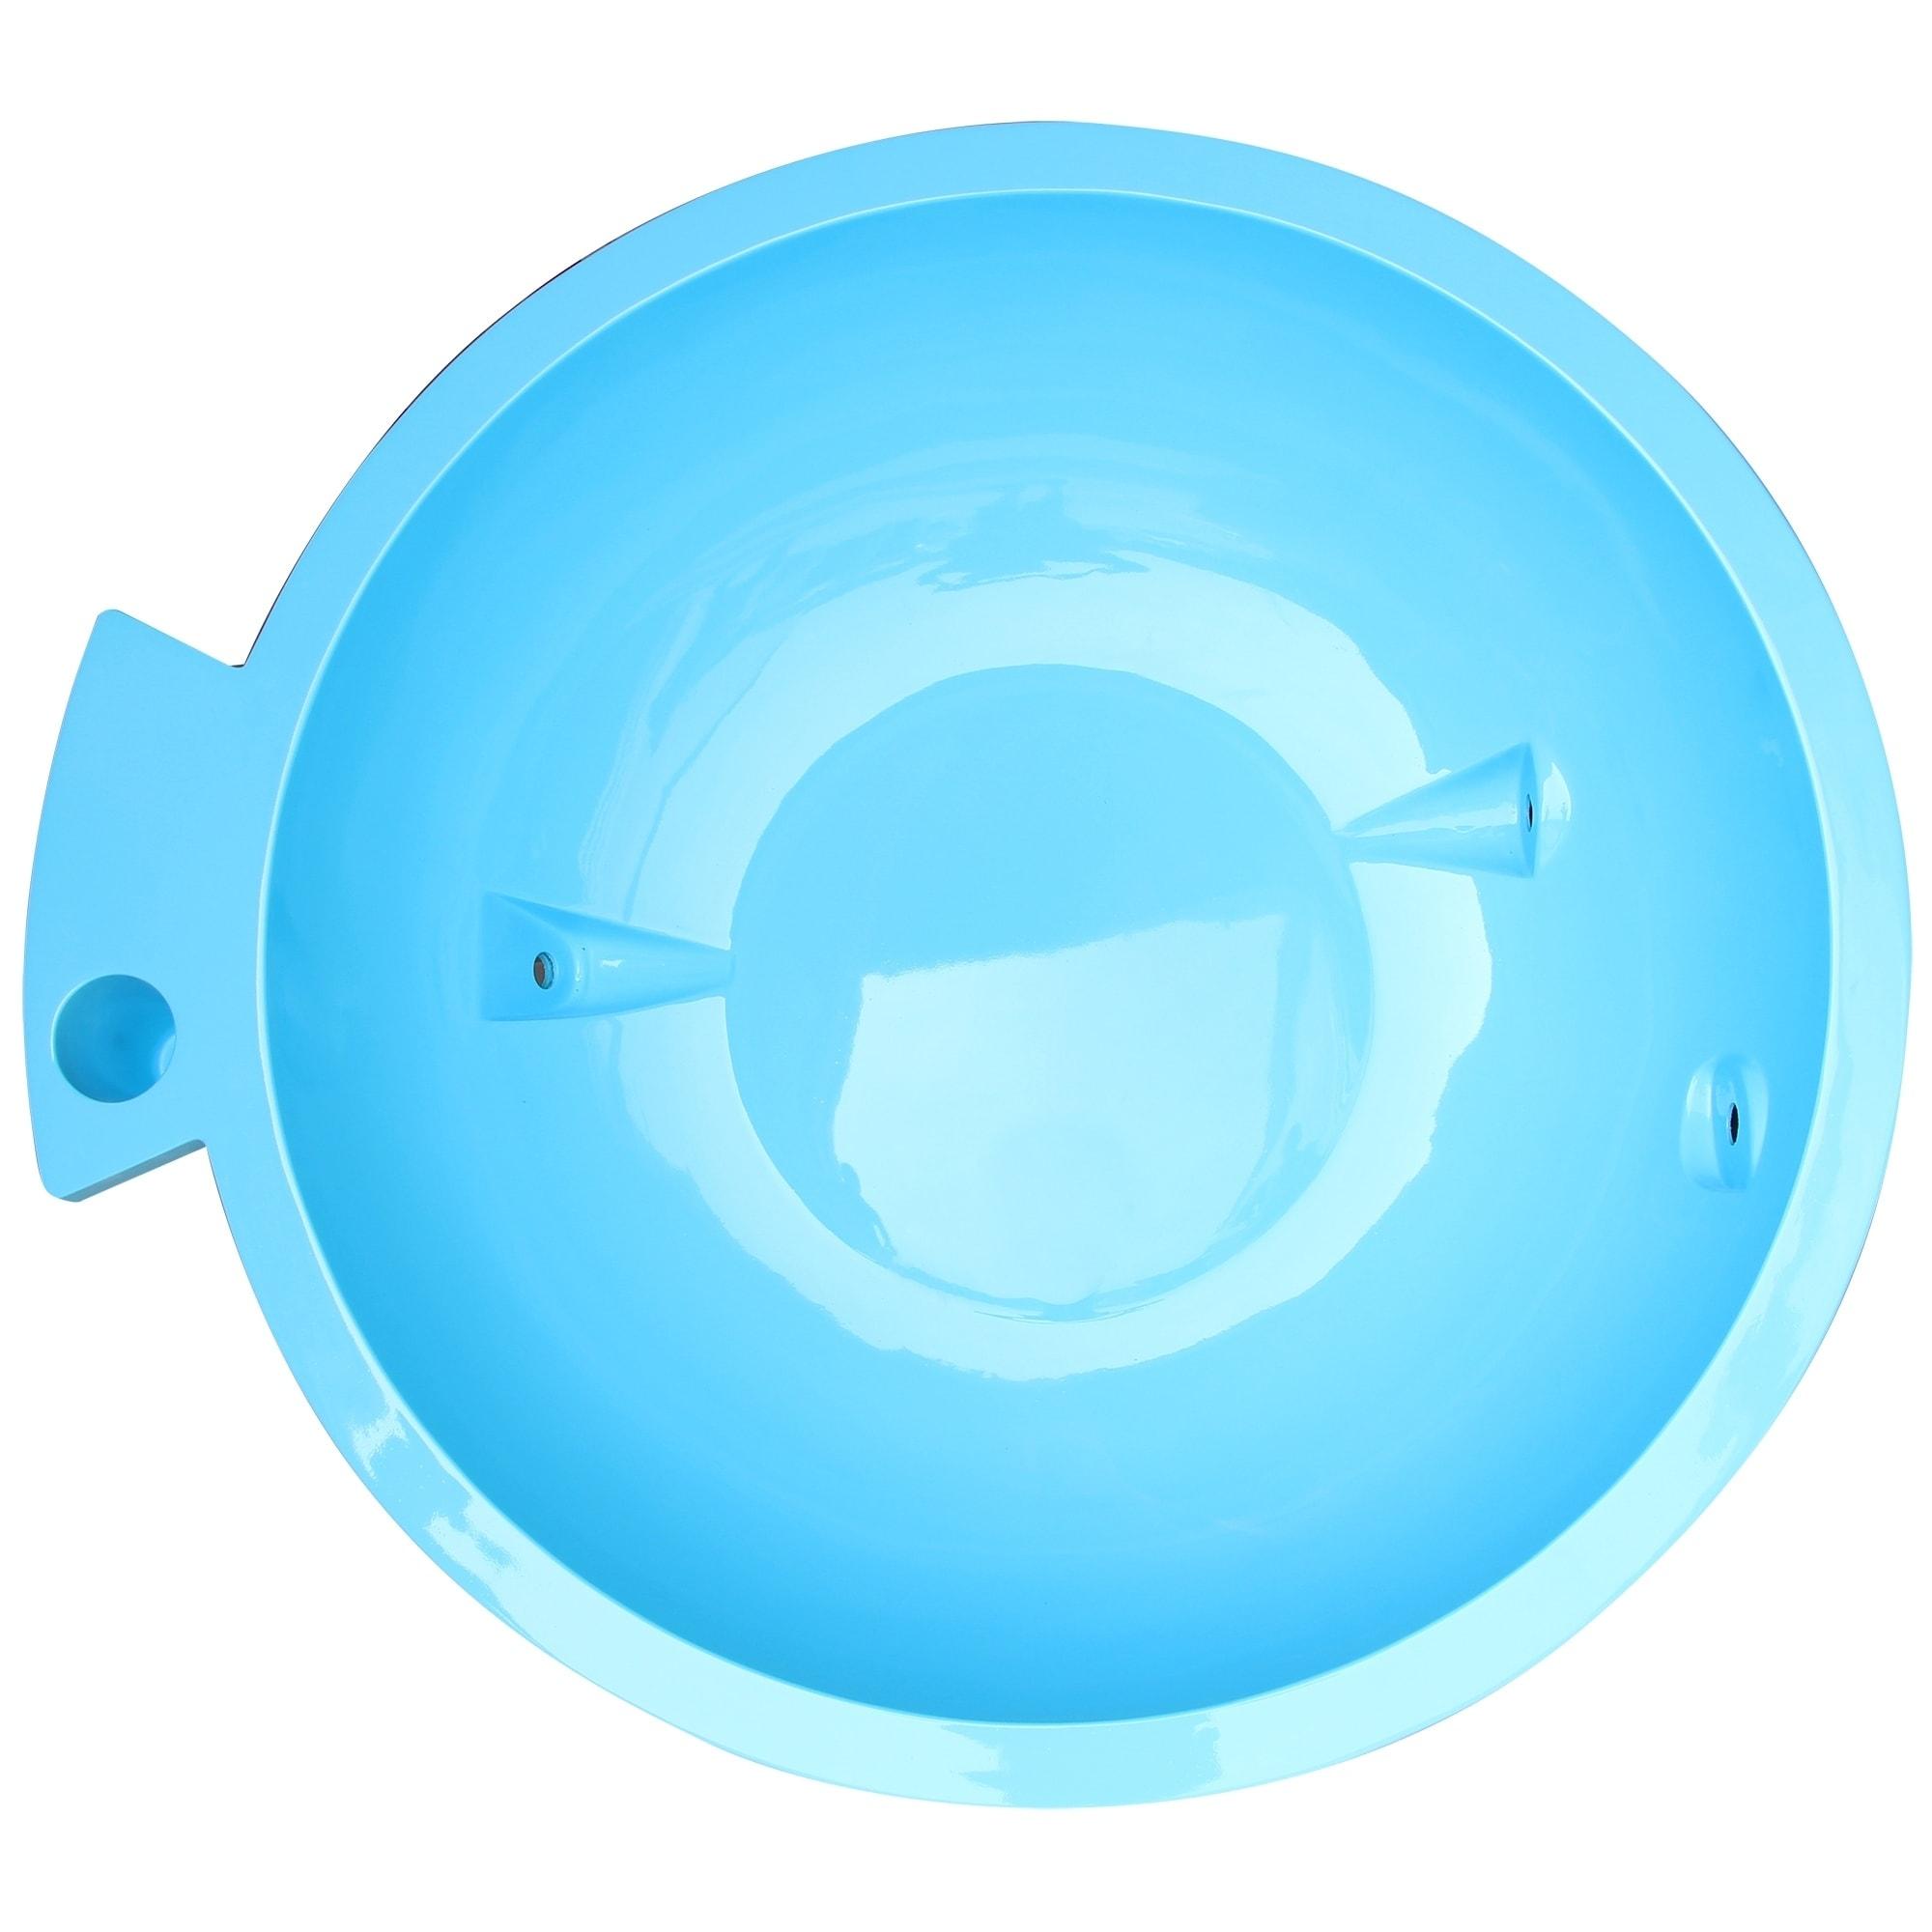 Shop ALFI Brand Light Blue Round Fiberglass Portable Outdoor Hot Tub ...